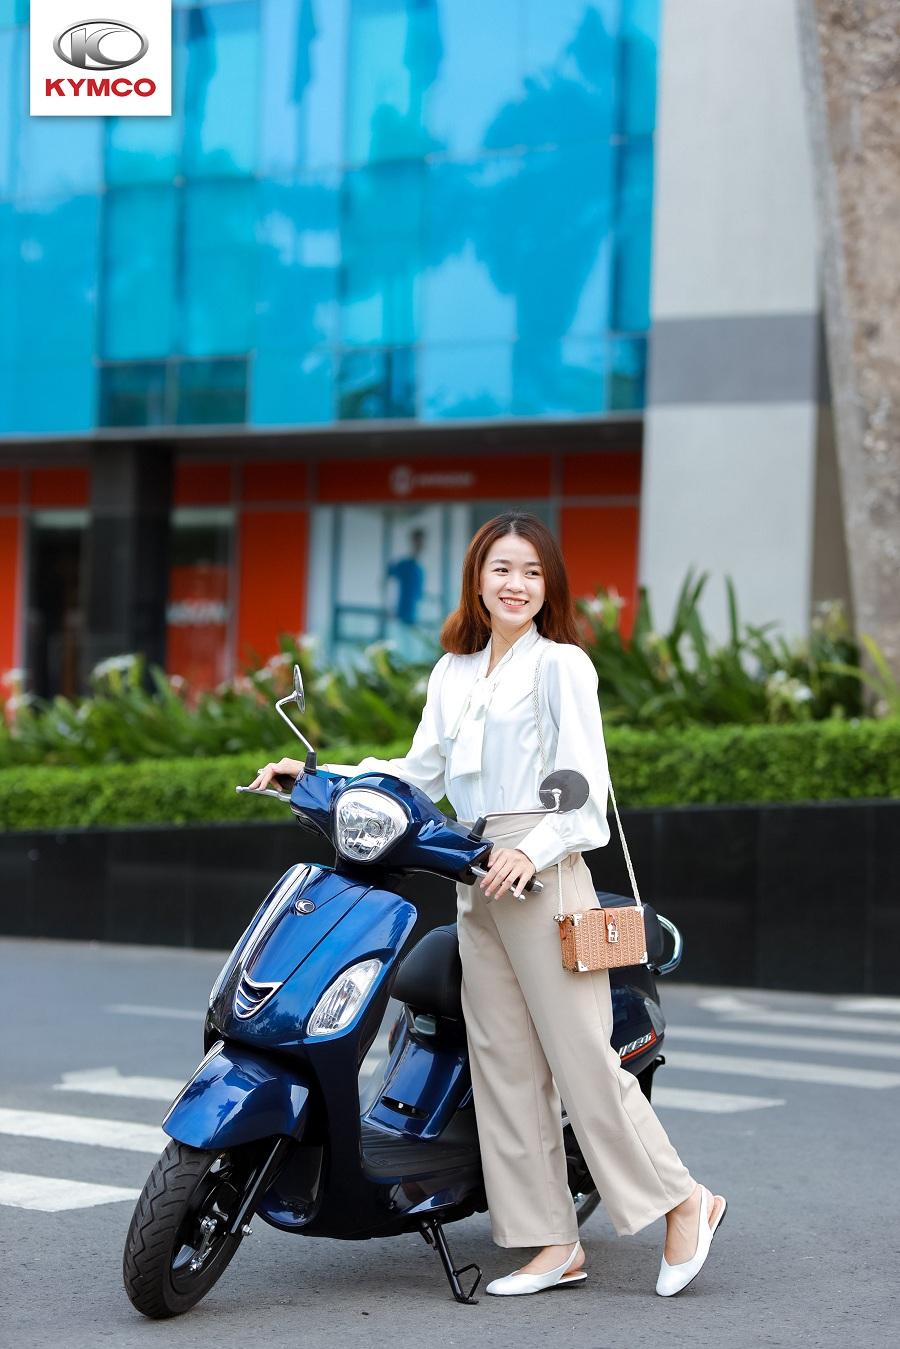 Like 50cc nhỏ gọn giúp di chuyển trên đường một cách thuận lợi và an toàn